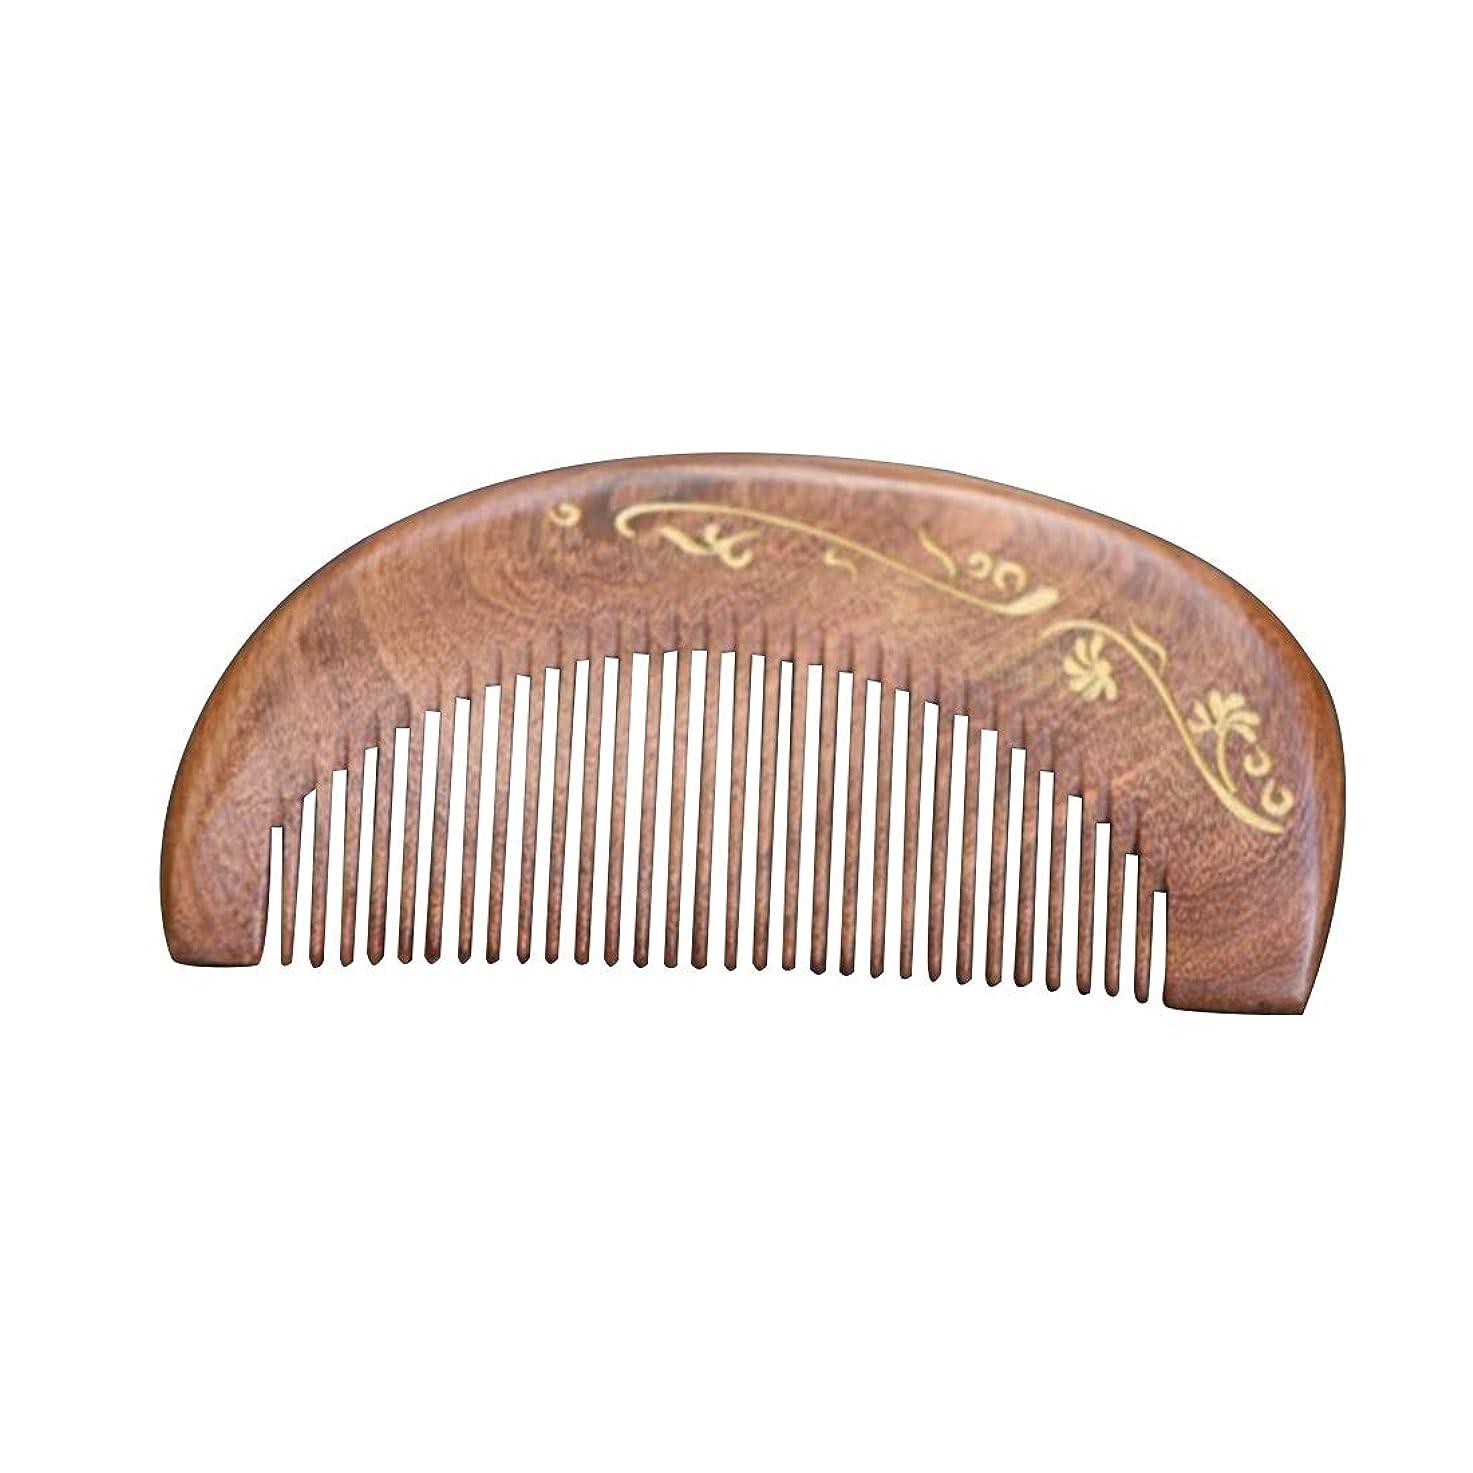 見せます植生明るい白檀の毛の櫛 - 様々なスタイルはギフト用の箱と、頭髪のための密な歯の櫛の帯電防止ヘアブラシを握り ヘアケア (Design : A)